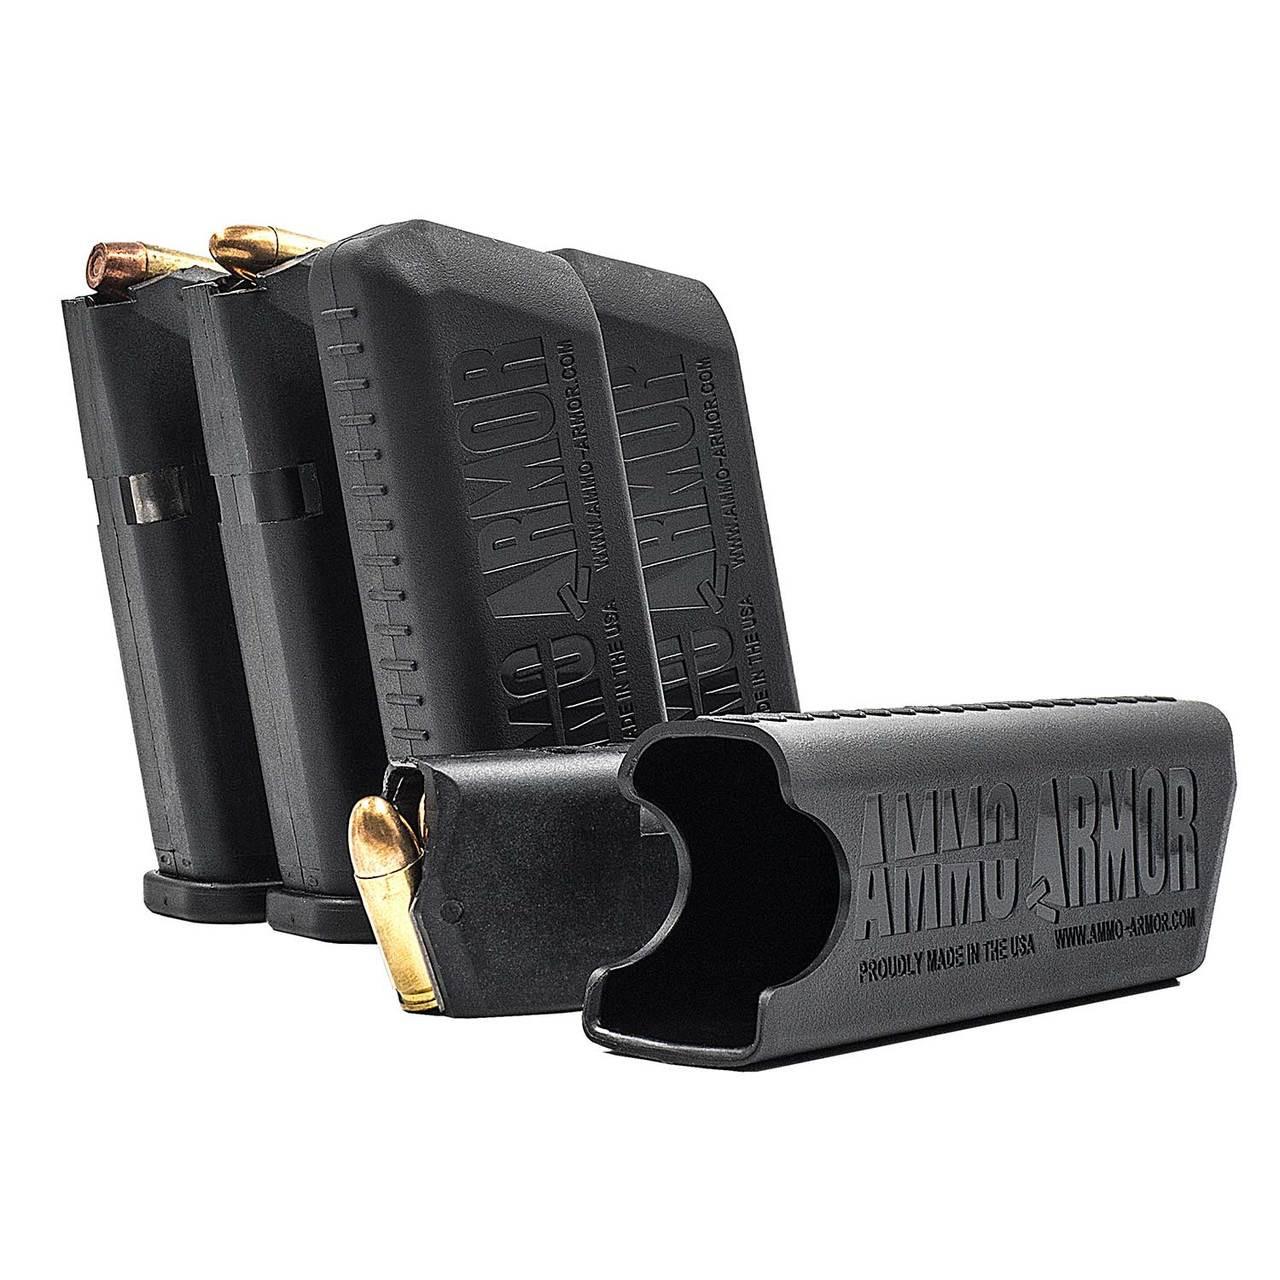 Beretta 92 Compact Magazine Case